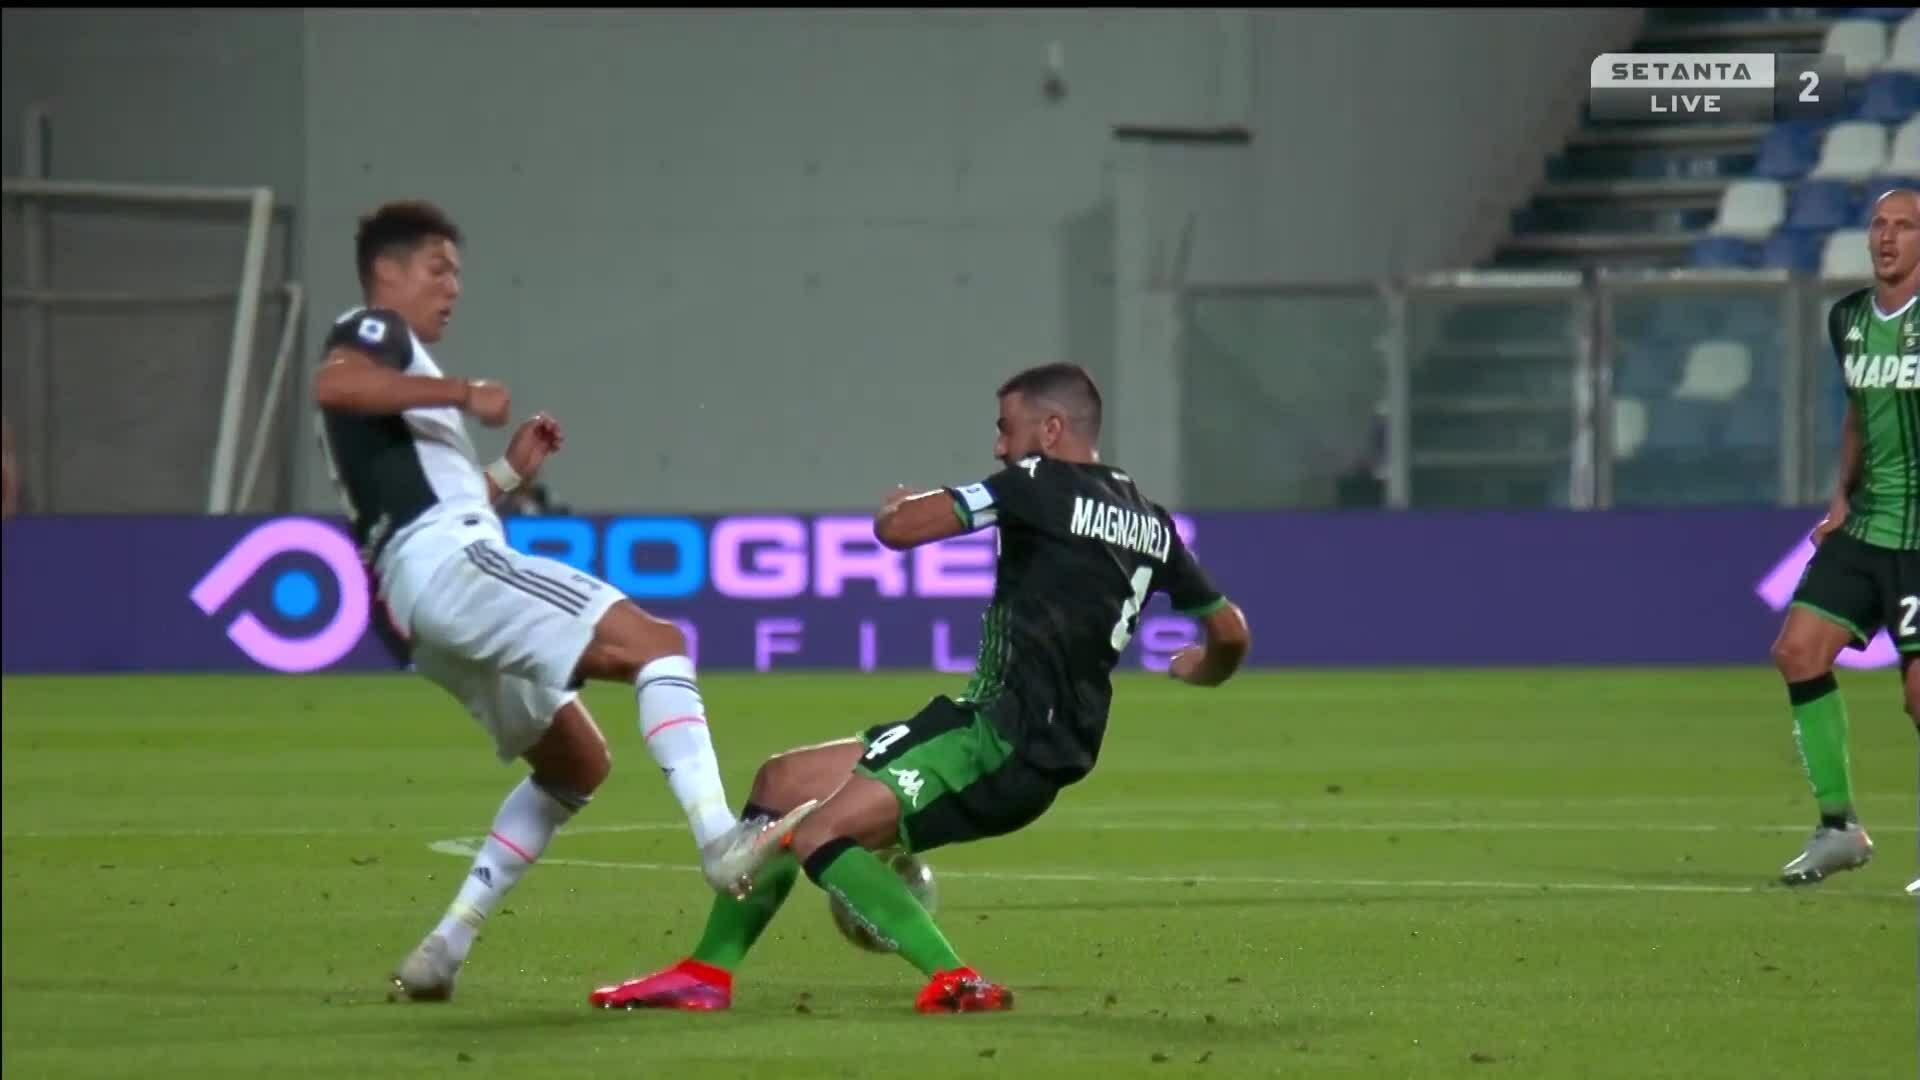 Ronaldo nhận thẻ vàng vì phạm lỗi với Magnanelli